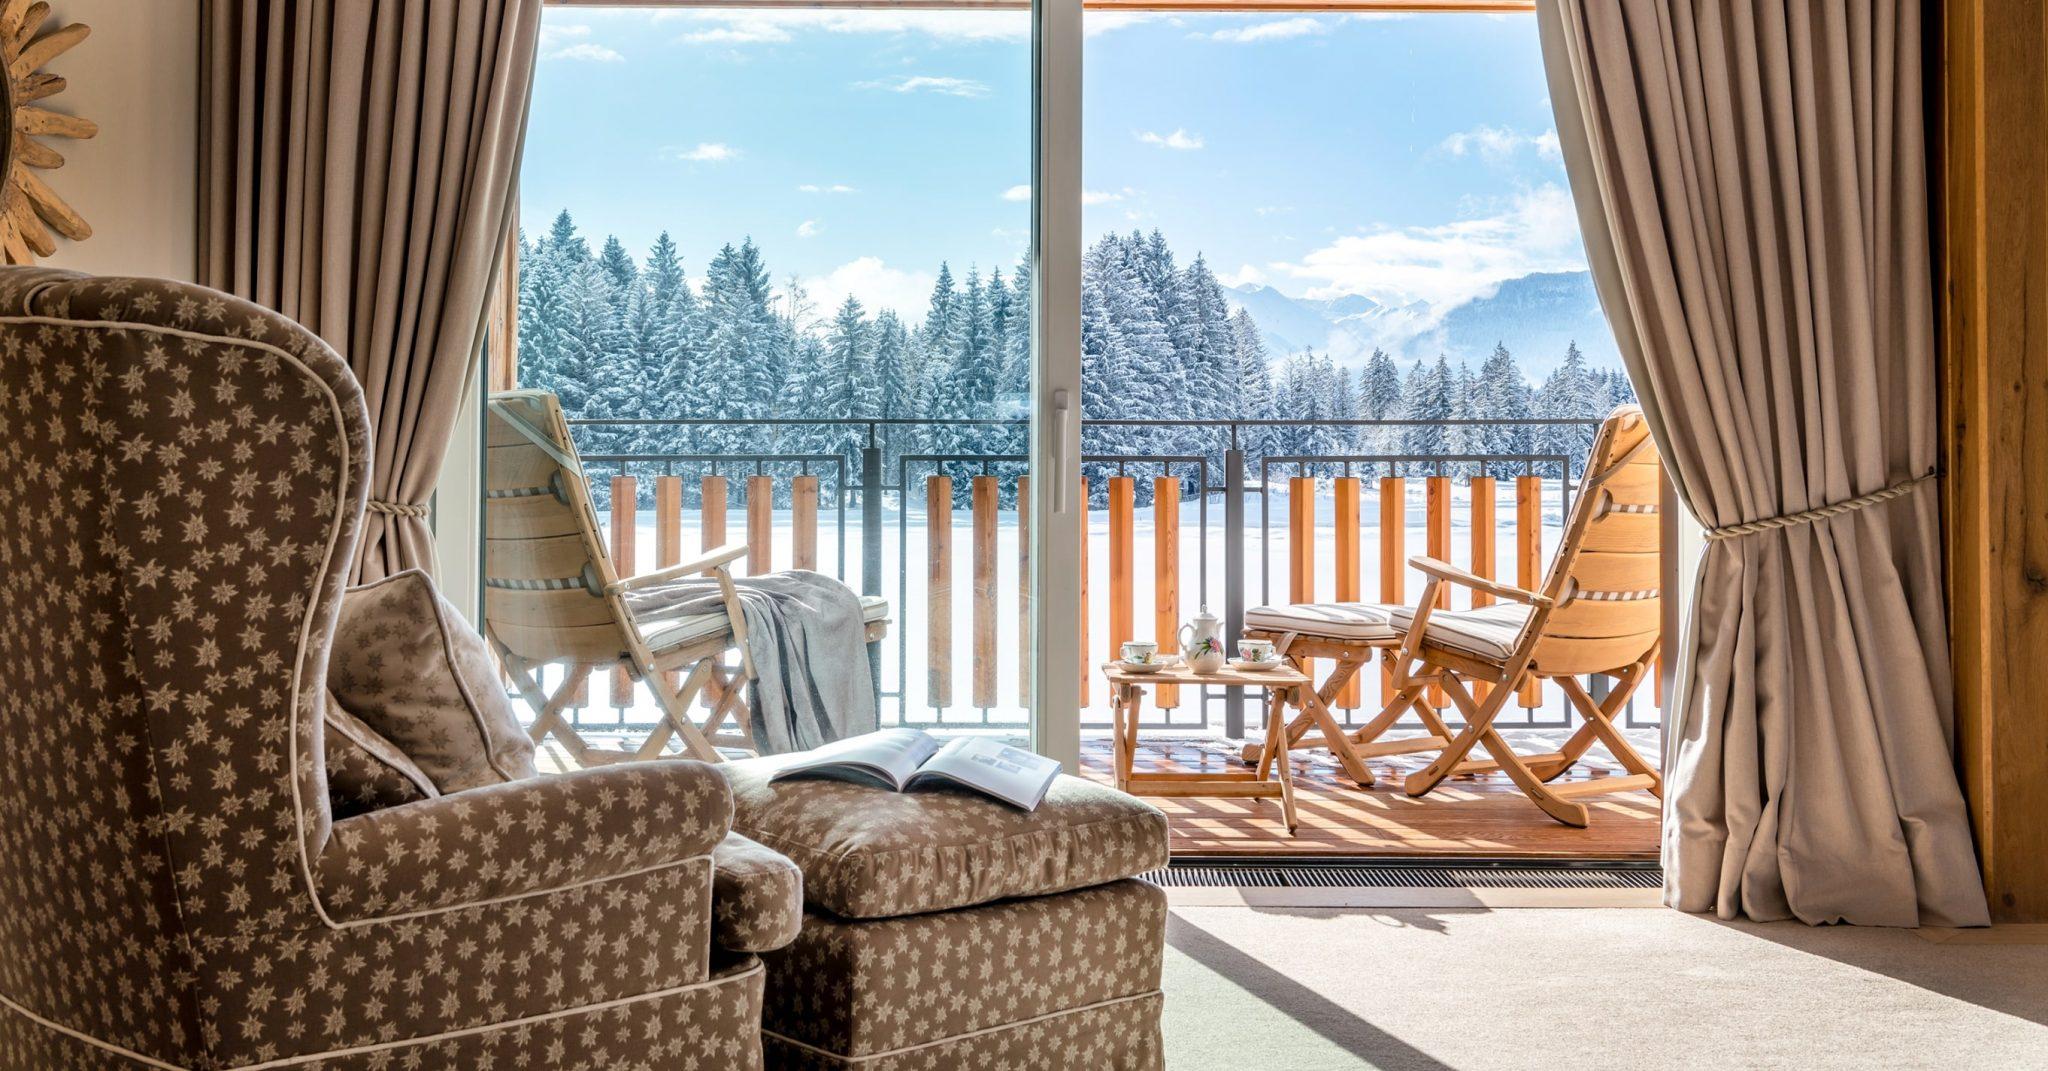 """© Sonnenalp Resort, Ofterschwang"""" title Sonnenalp Resort, Ofterschwang"""""""